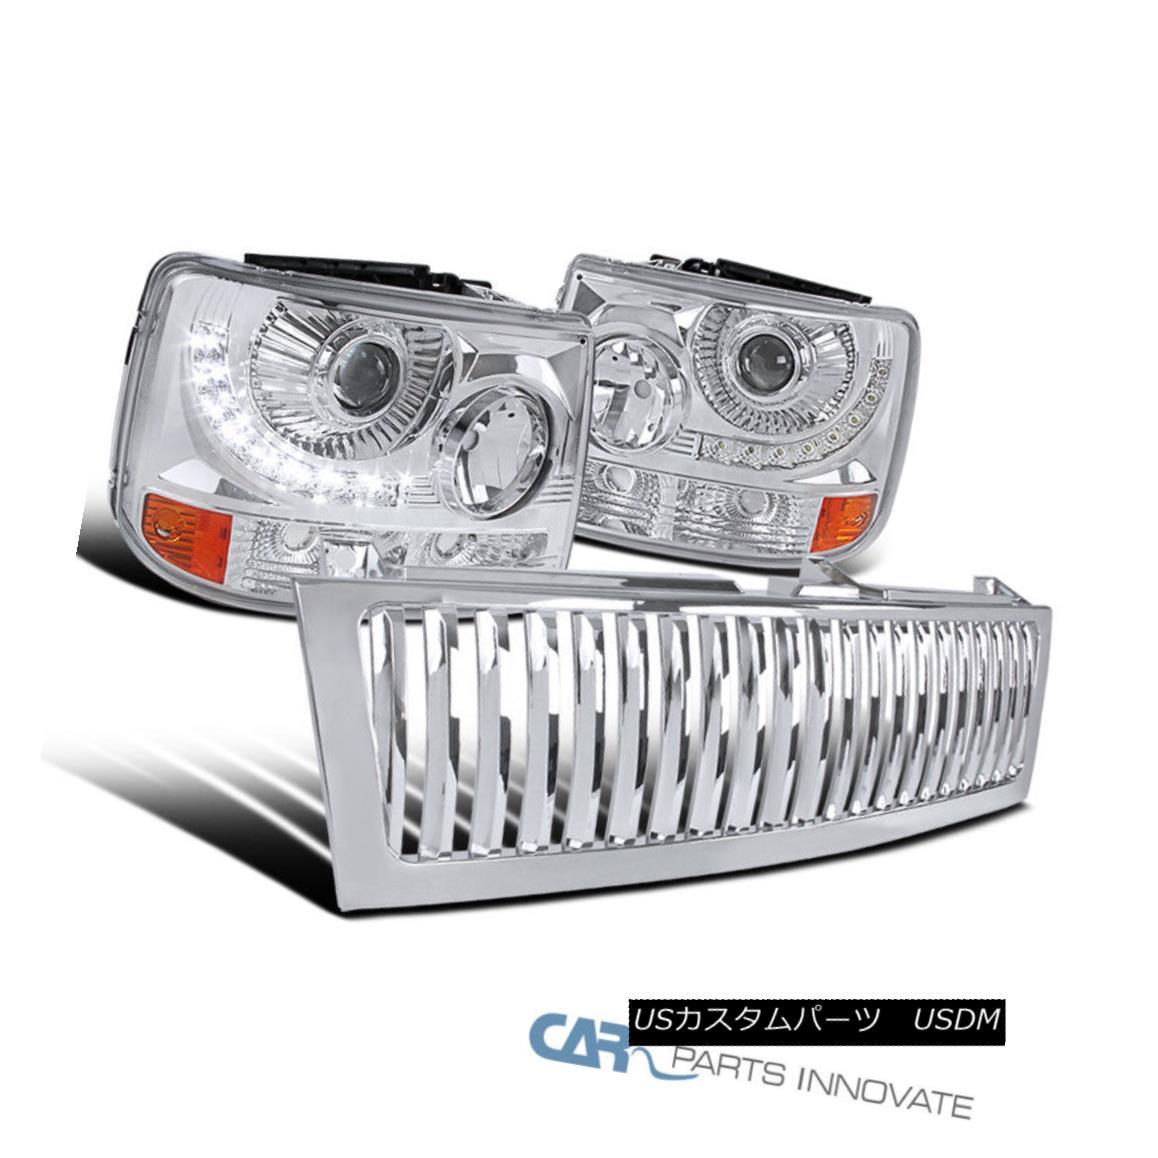 グリル 99-02 Silverado 2in1 Clear Projector Head Bumper Lights+LED DRL+Chrome Grille 99-02 Silverado 2in1クリアプロジェクターヘッドバンパーライト+ LED DRL +クロームグリル